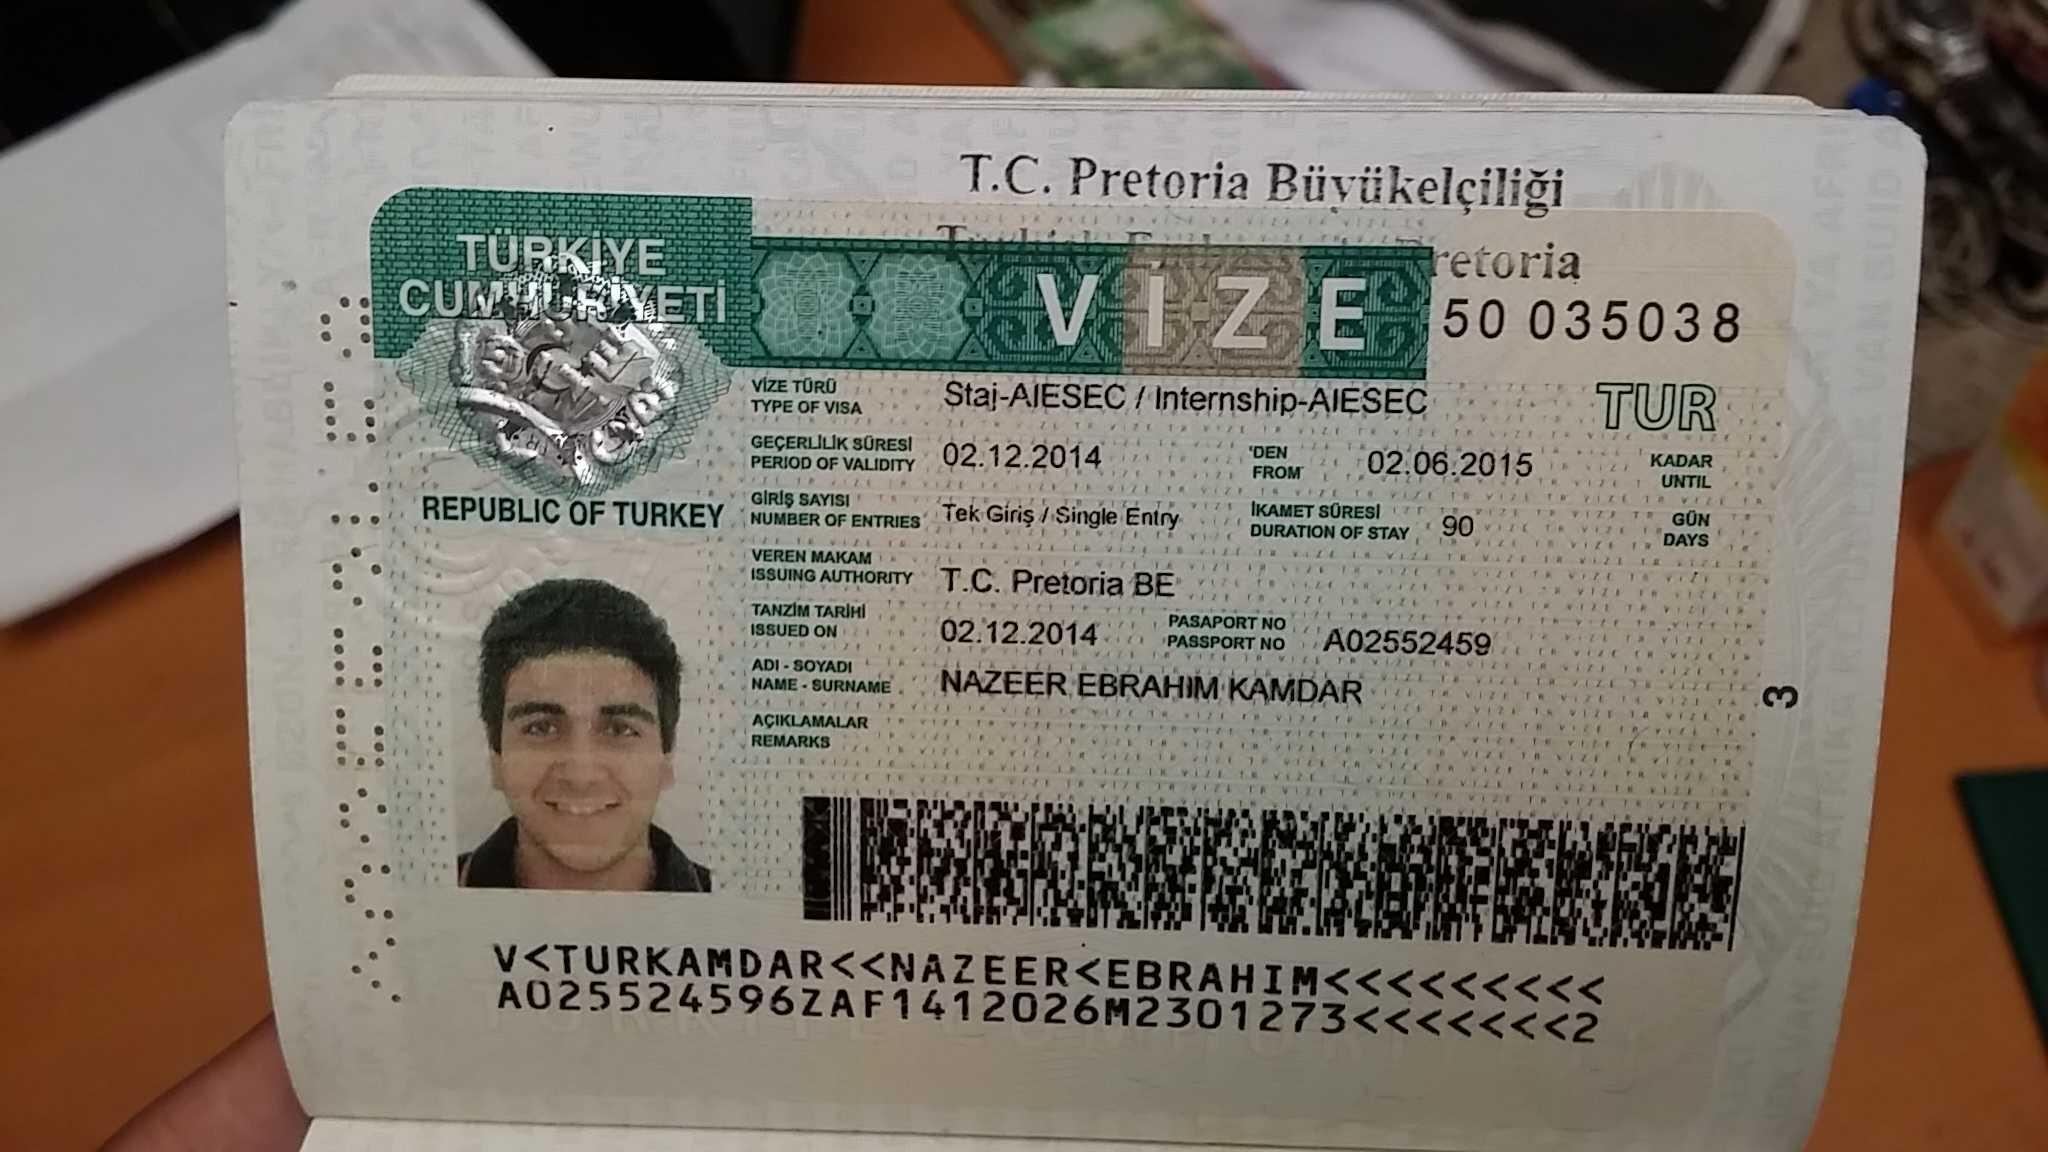 حملة سورية شعبية لمطالبة الحكومة التركية إلغاء تأشيرة الدخول عن السوريين